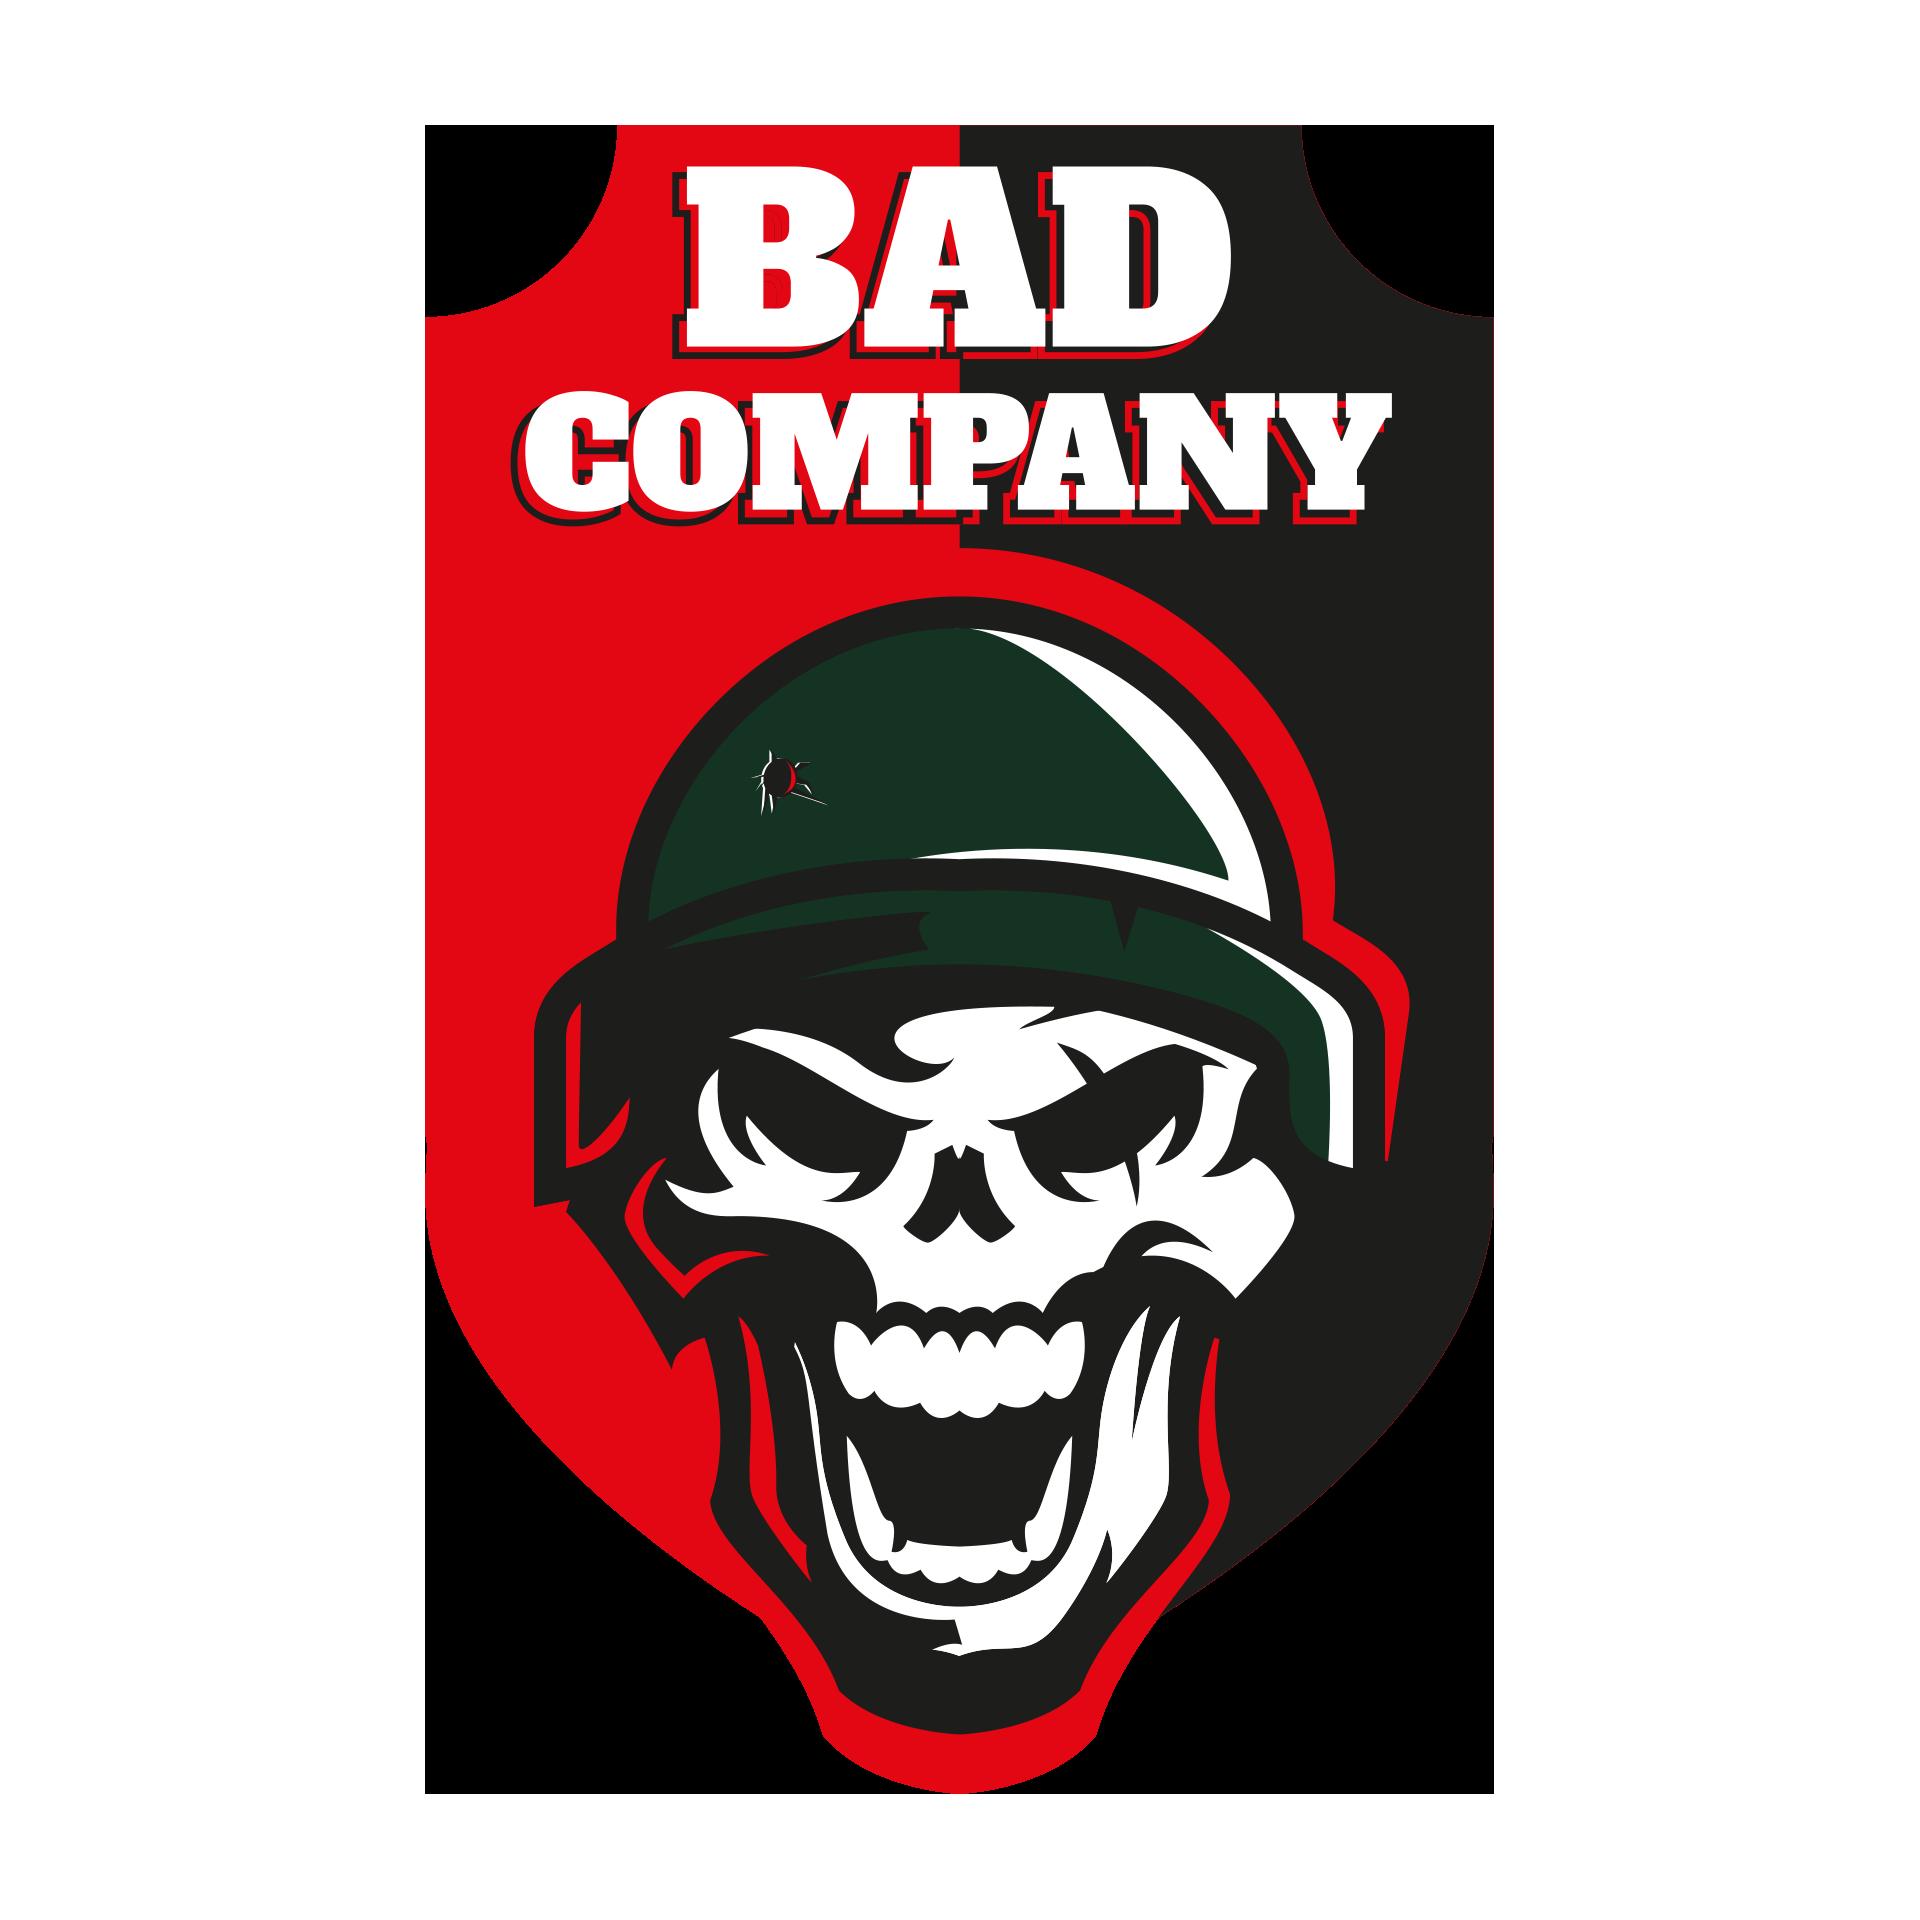 Bad Company – Champions Team 50:38. Komplet mistrzów w zasadniczej